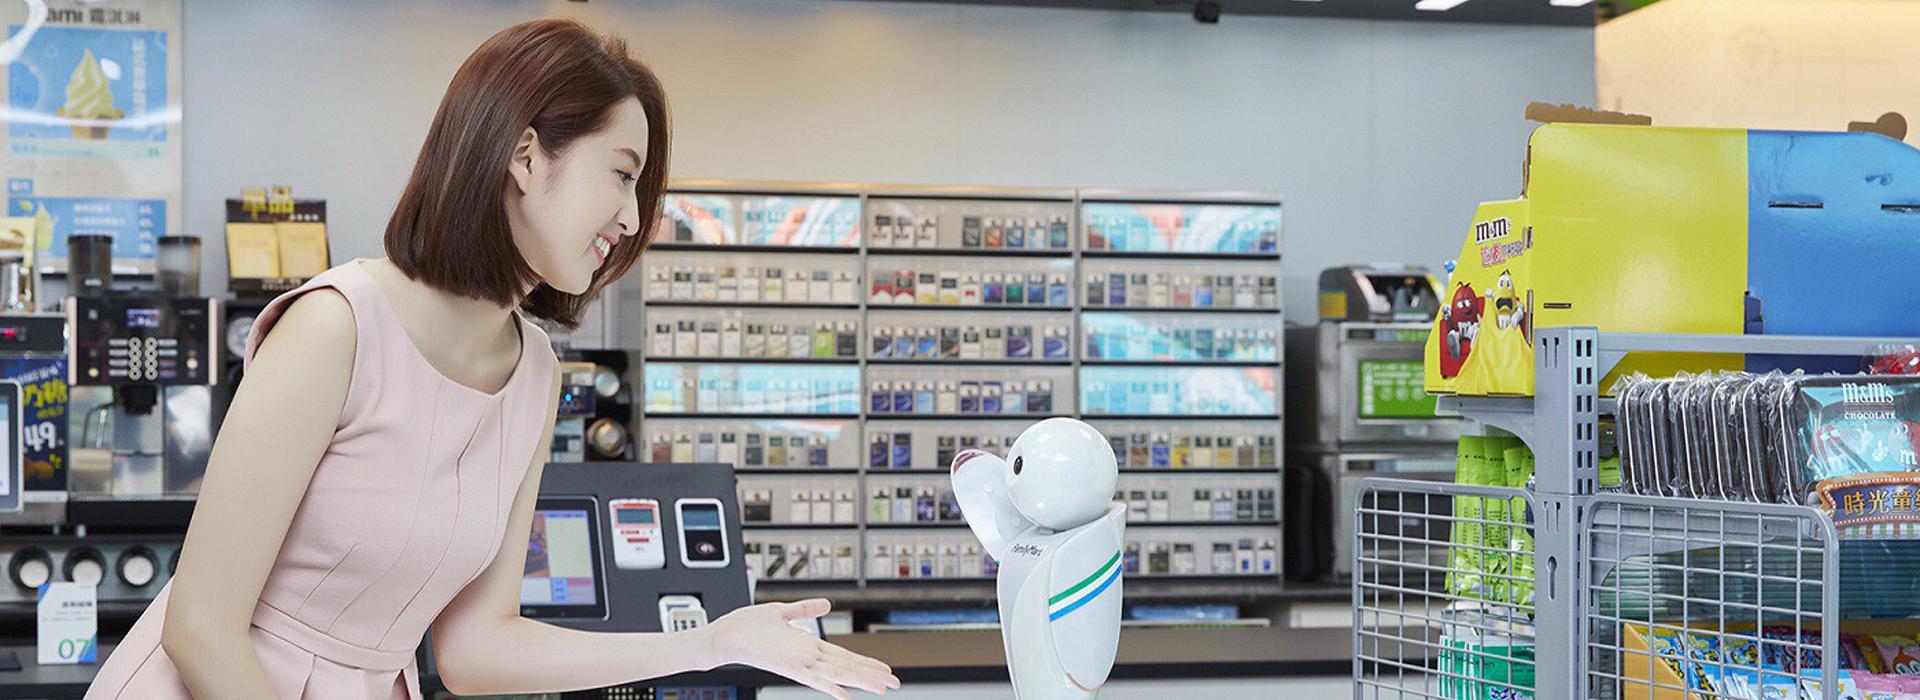 機器人做副店長、智能煮咖啡  全家科技概念店登場